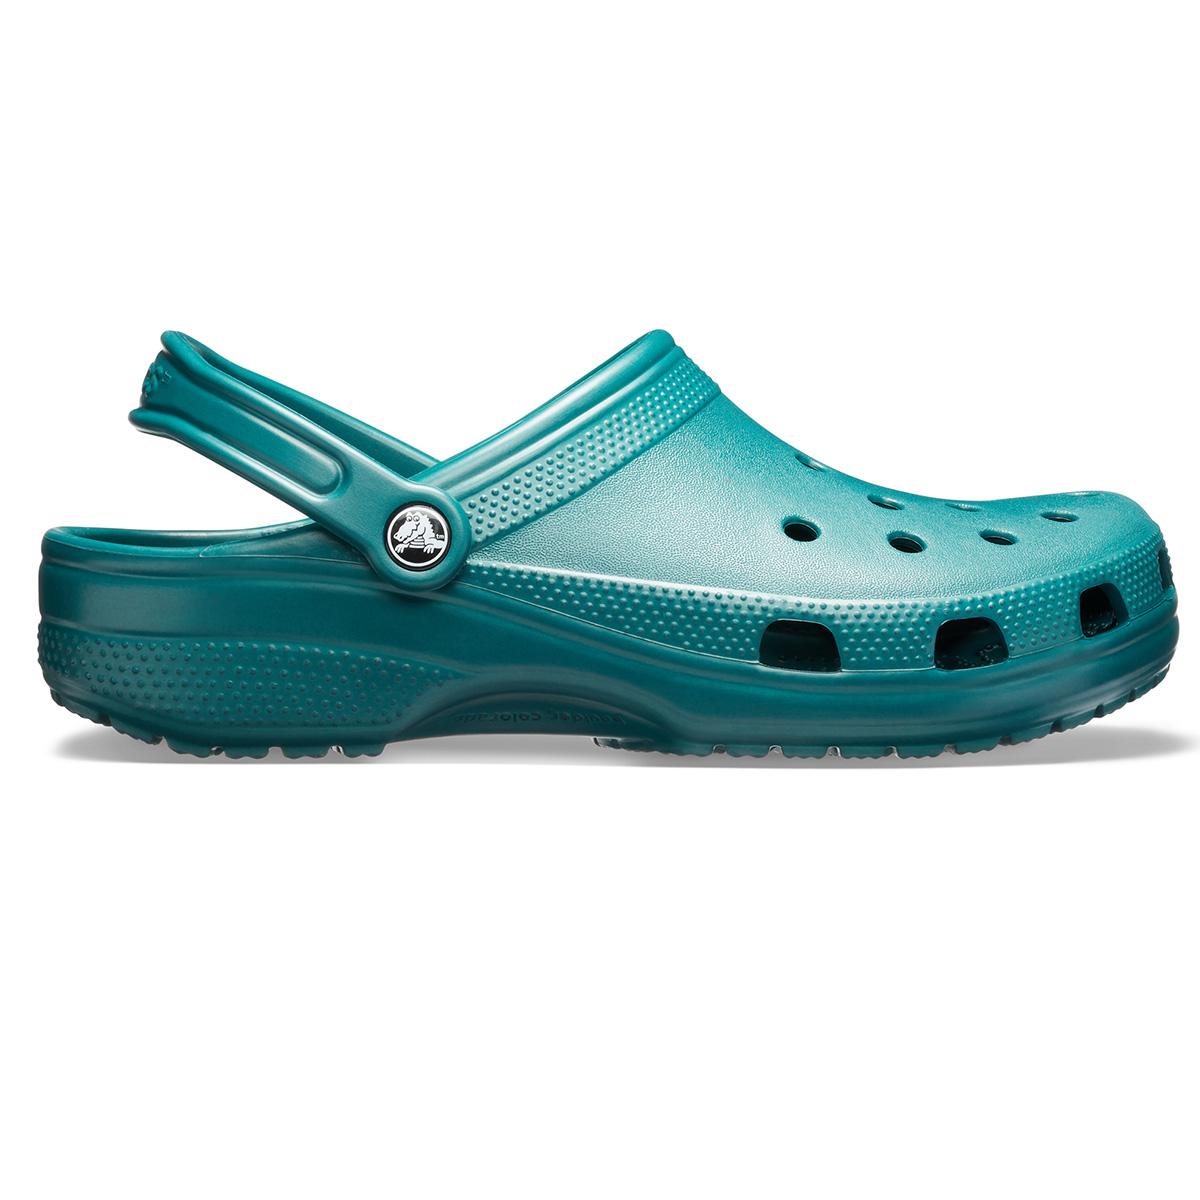 Crocs Classic - Çam Yeşili